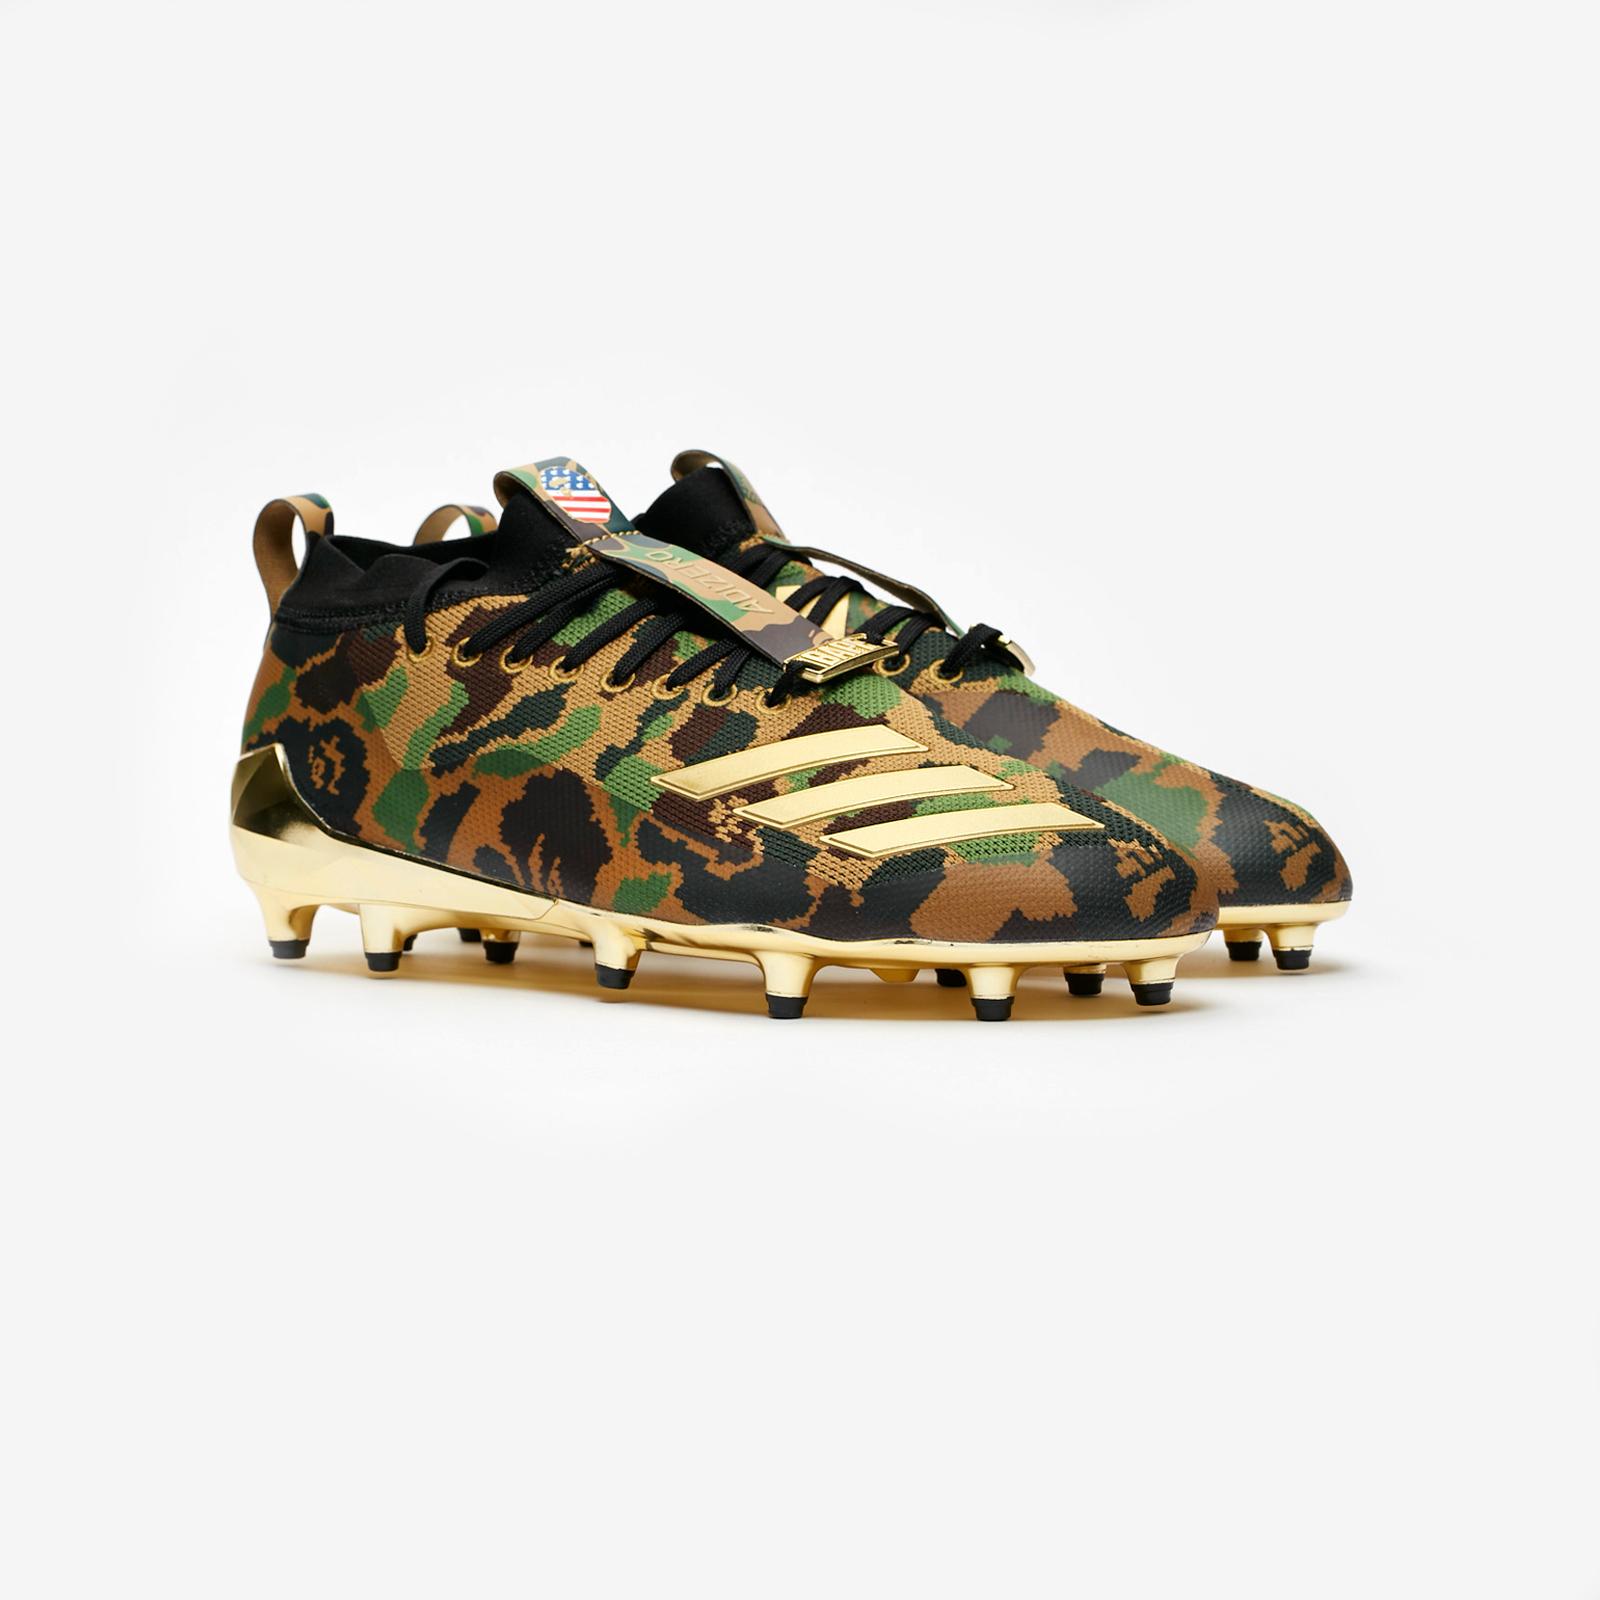 13fc677cc adidas Cleats x Bape - F35829 - Sneakersnstuff